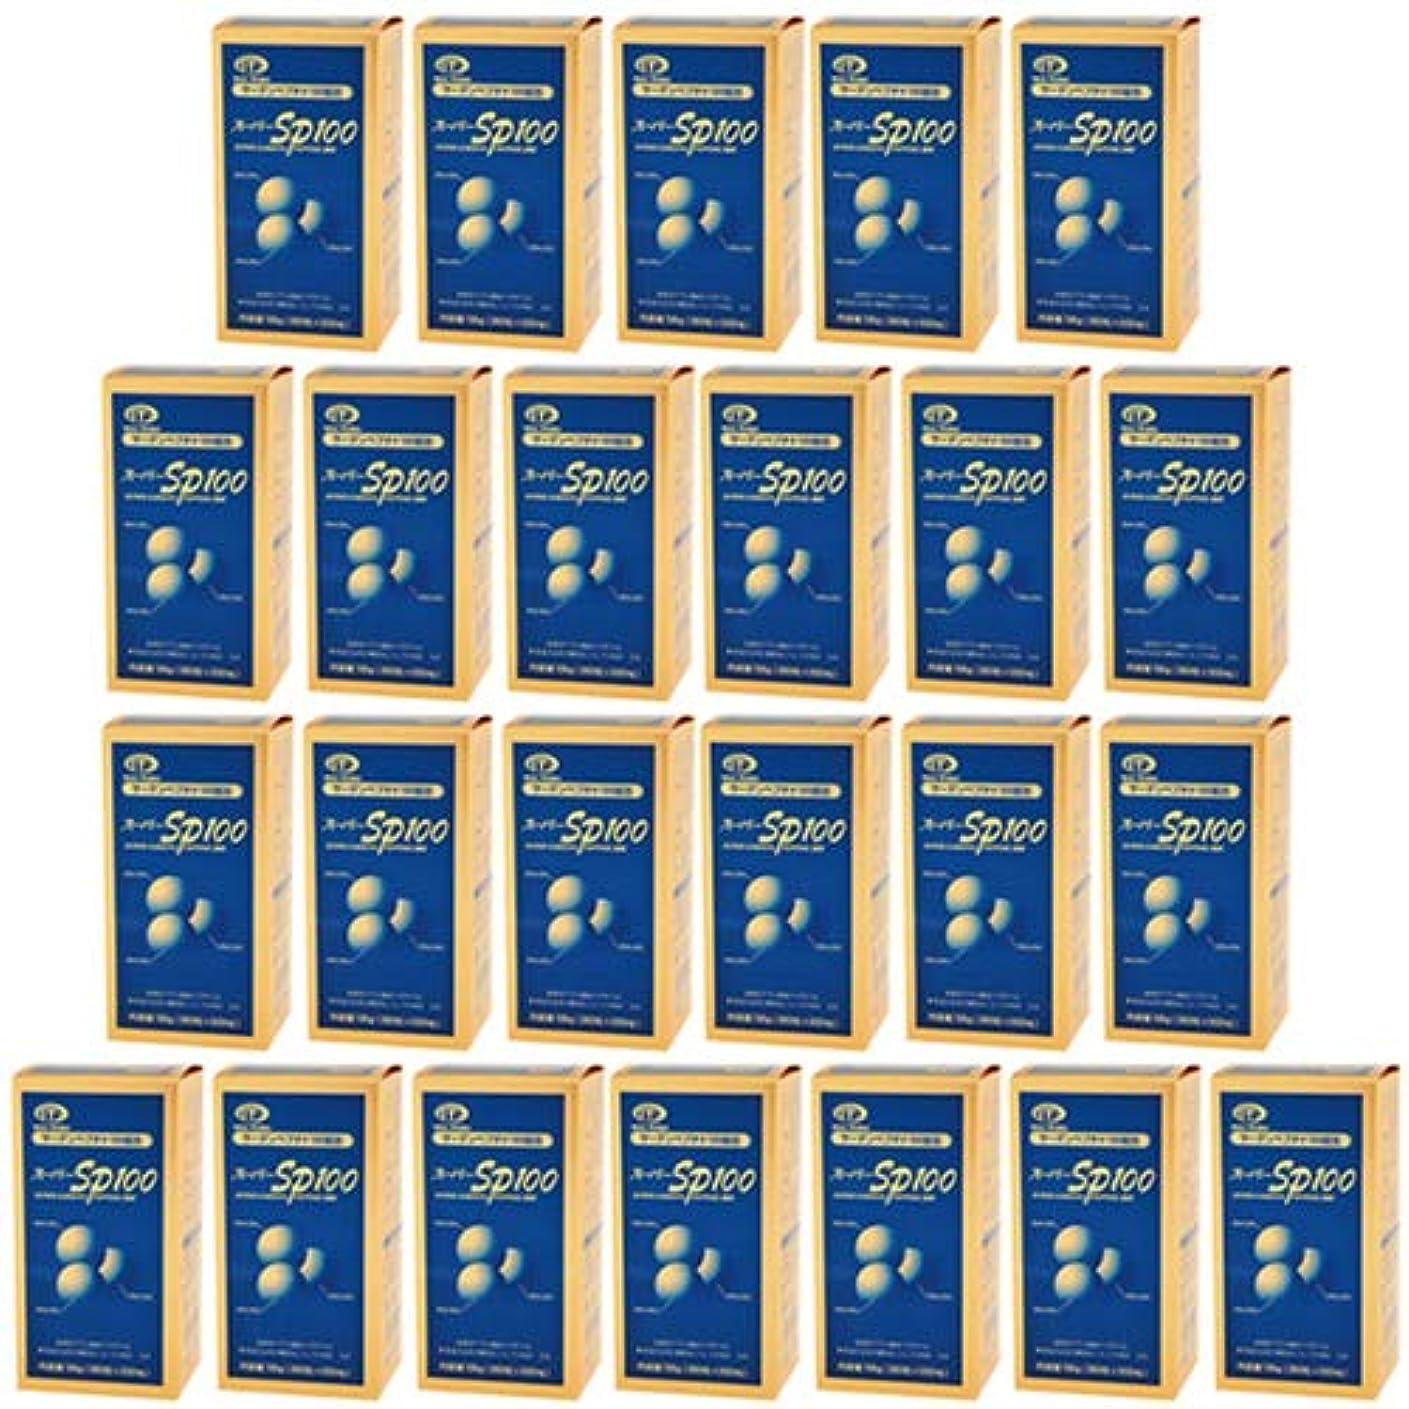 じゃない後者ラップスーパーSP100(イワシペプチド)(360粒) 24箱